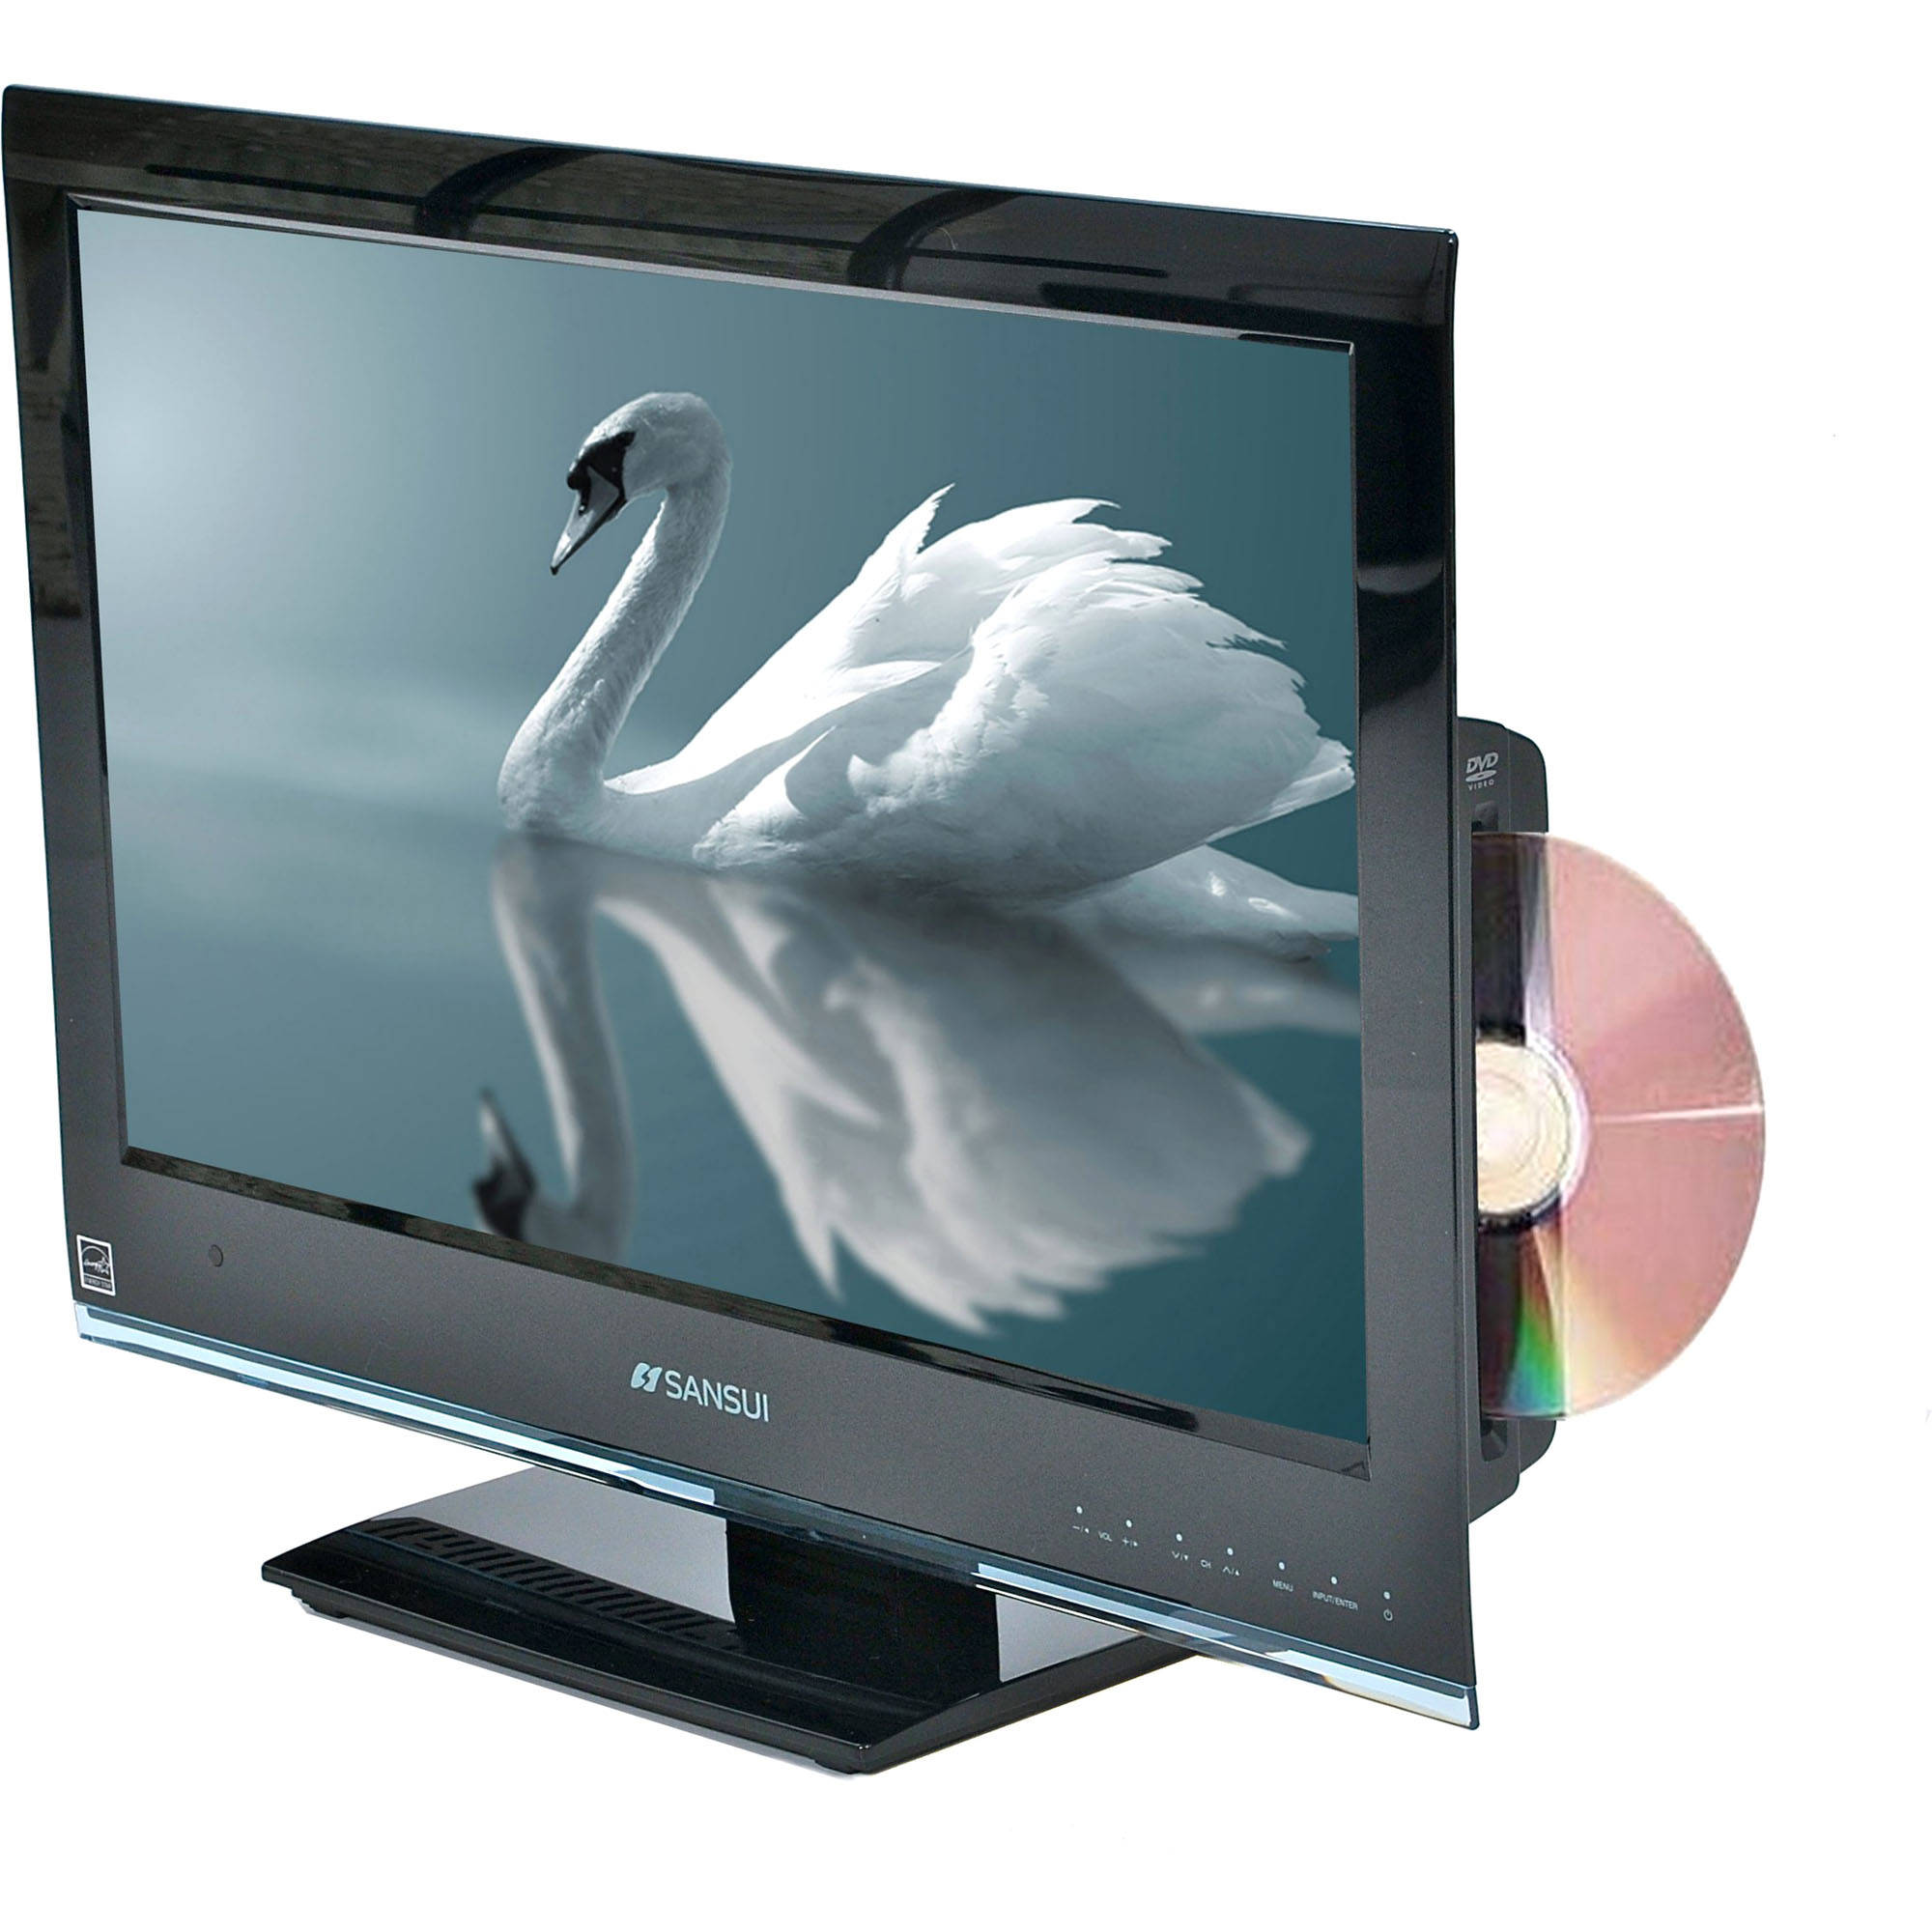 sansui sledvd198 19 led tv dvd combo sledvd198 b h photo rh bhphotovideo com Sansui HDLCD185W Manual Sansui Product Manuals